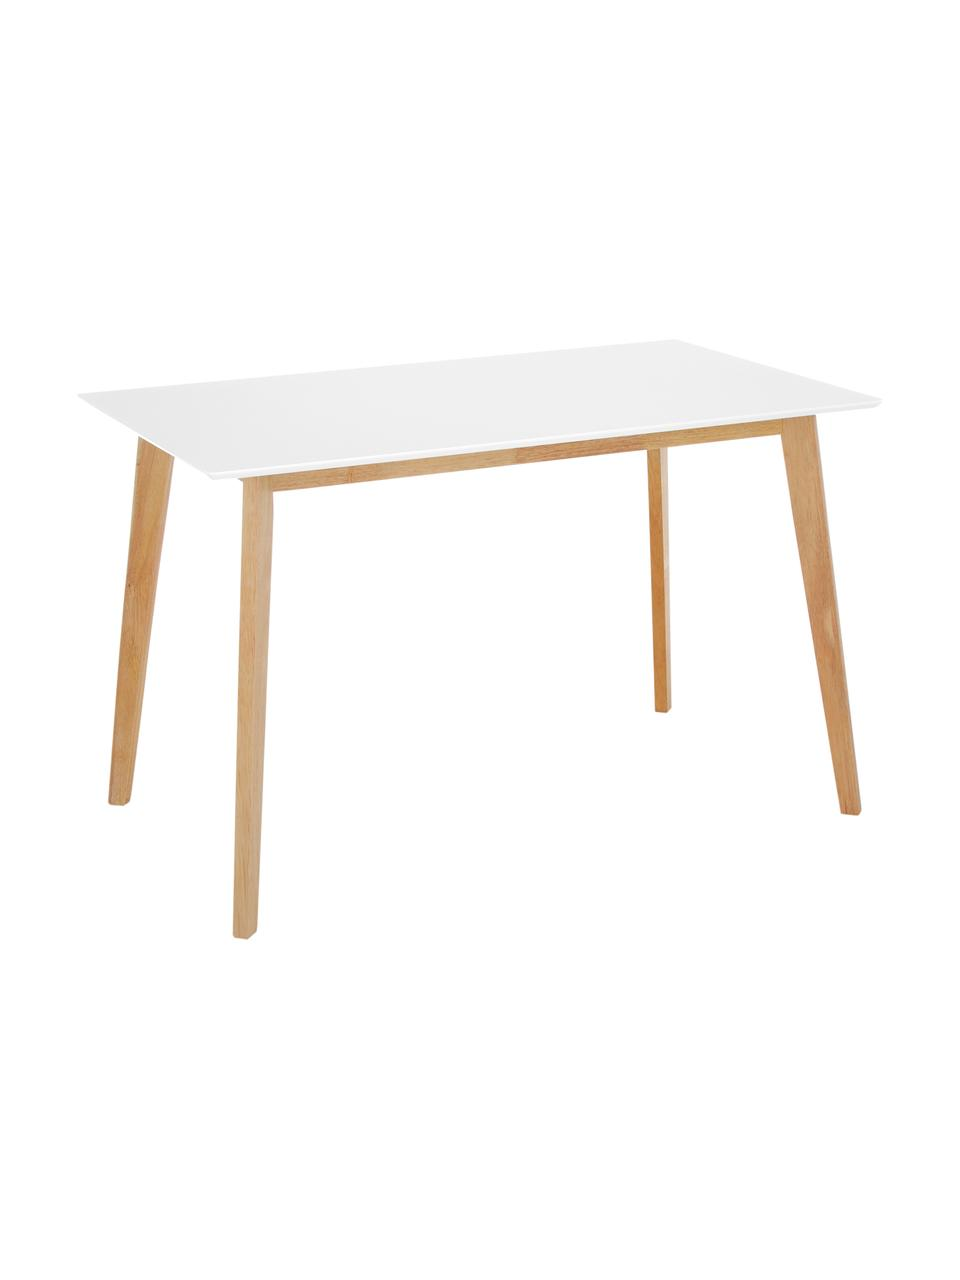 Schreibtisch Vojens im Skandi-Design, Tischplatte: Mitteldichte Holzfaserpla, Beine: Gummibaumholz, Weiß, B 120 x T 70 cm